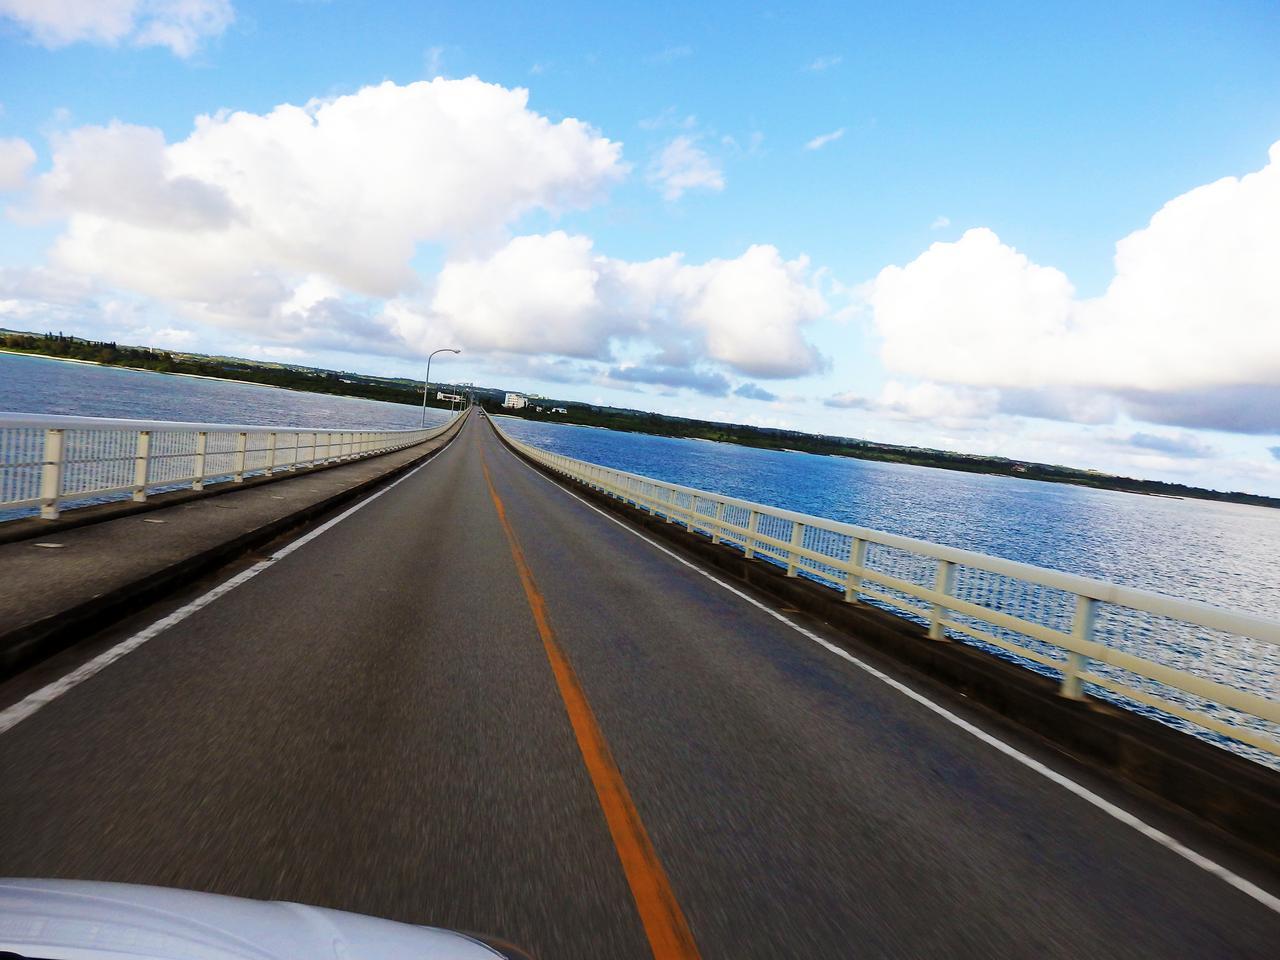 画像: 宮古島の海と空を一望・・・『来間大橋』は絶景ドライブコース-沖縄旅行激安予約サイトの沖縄旅予約ドットコム